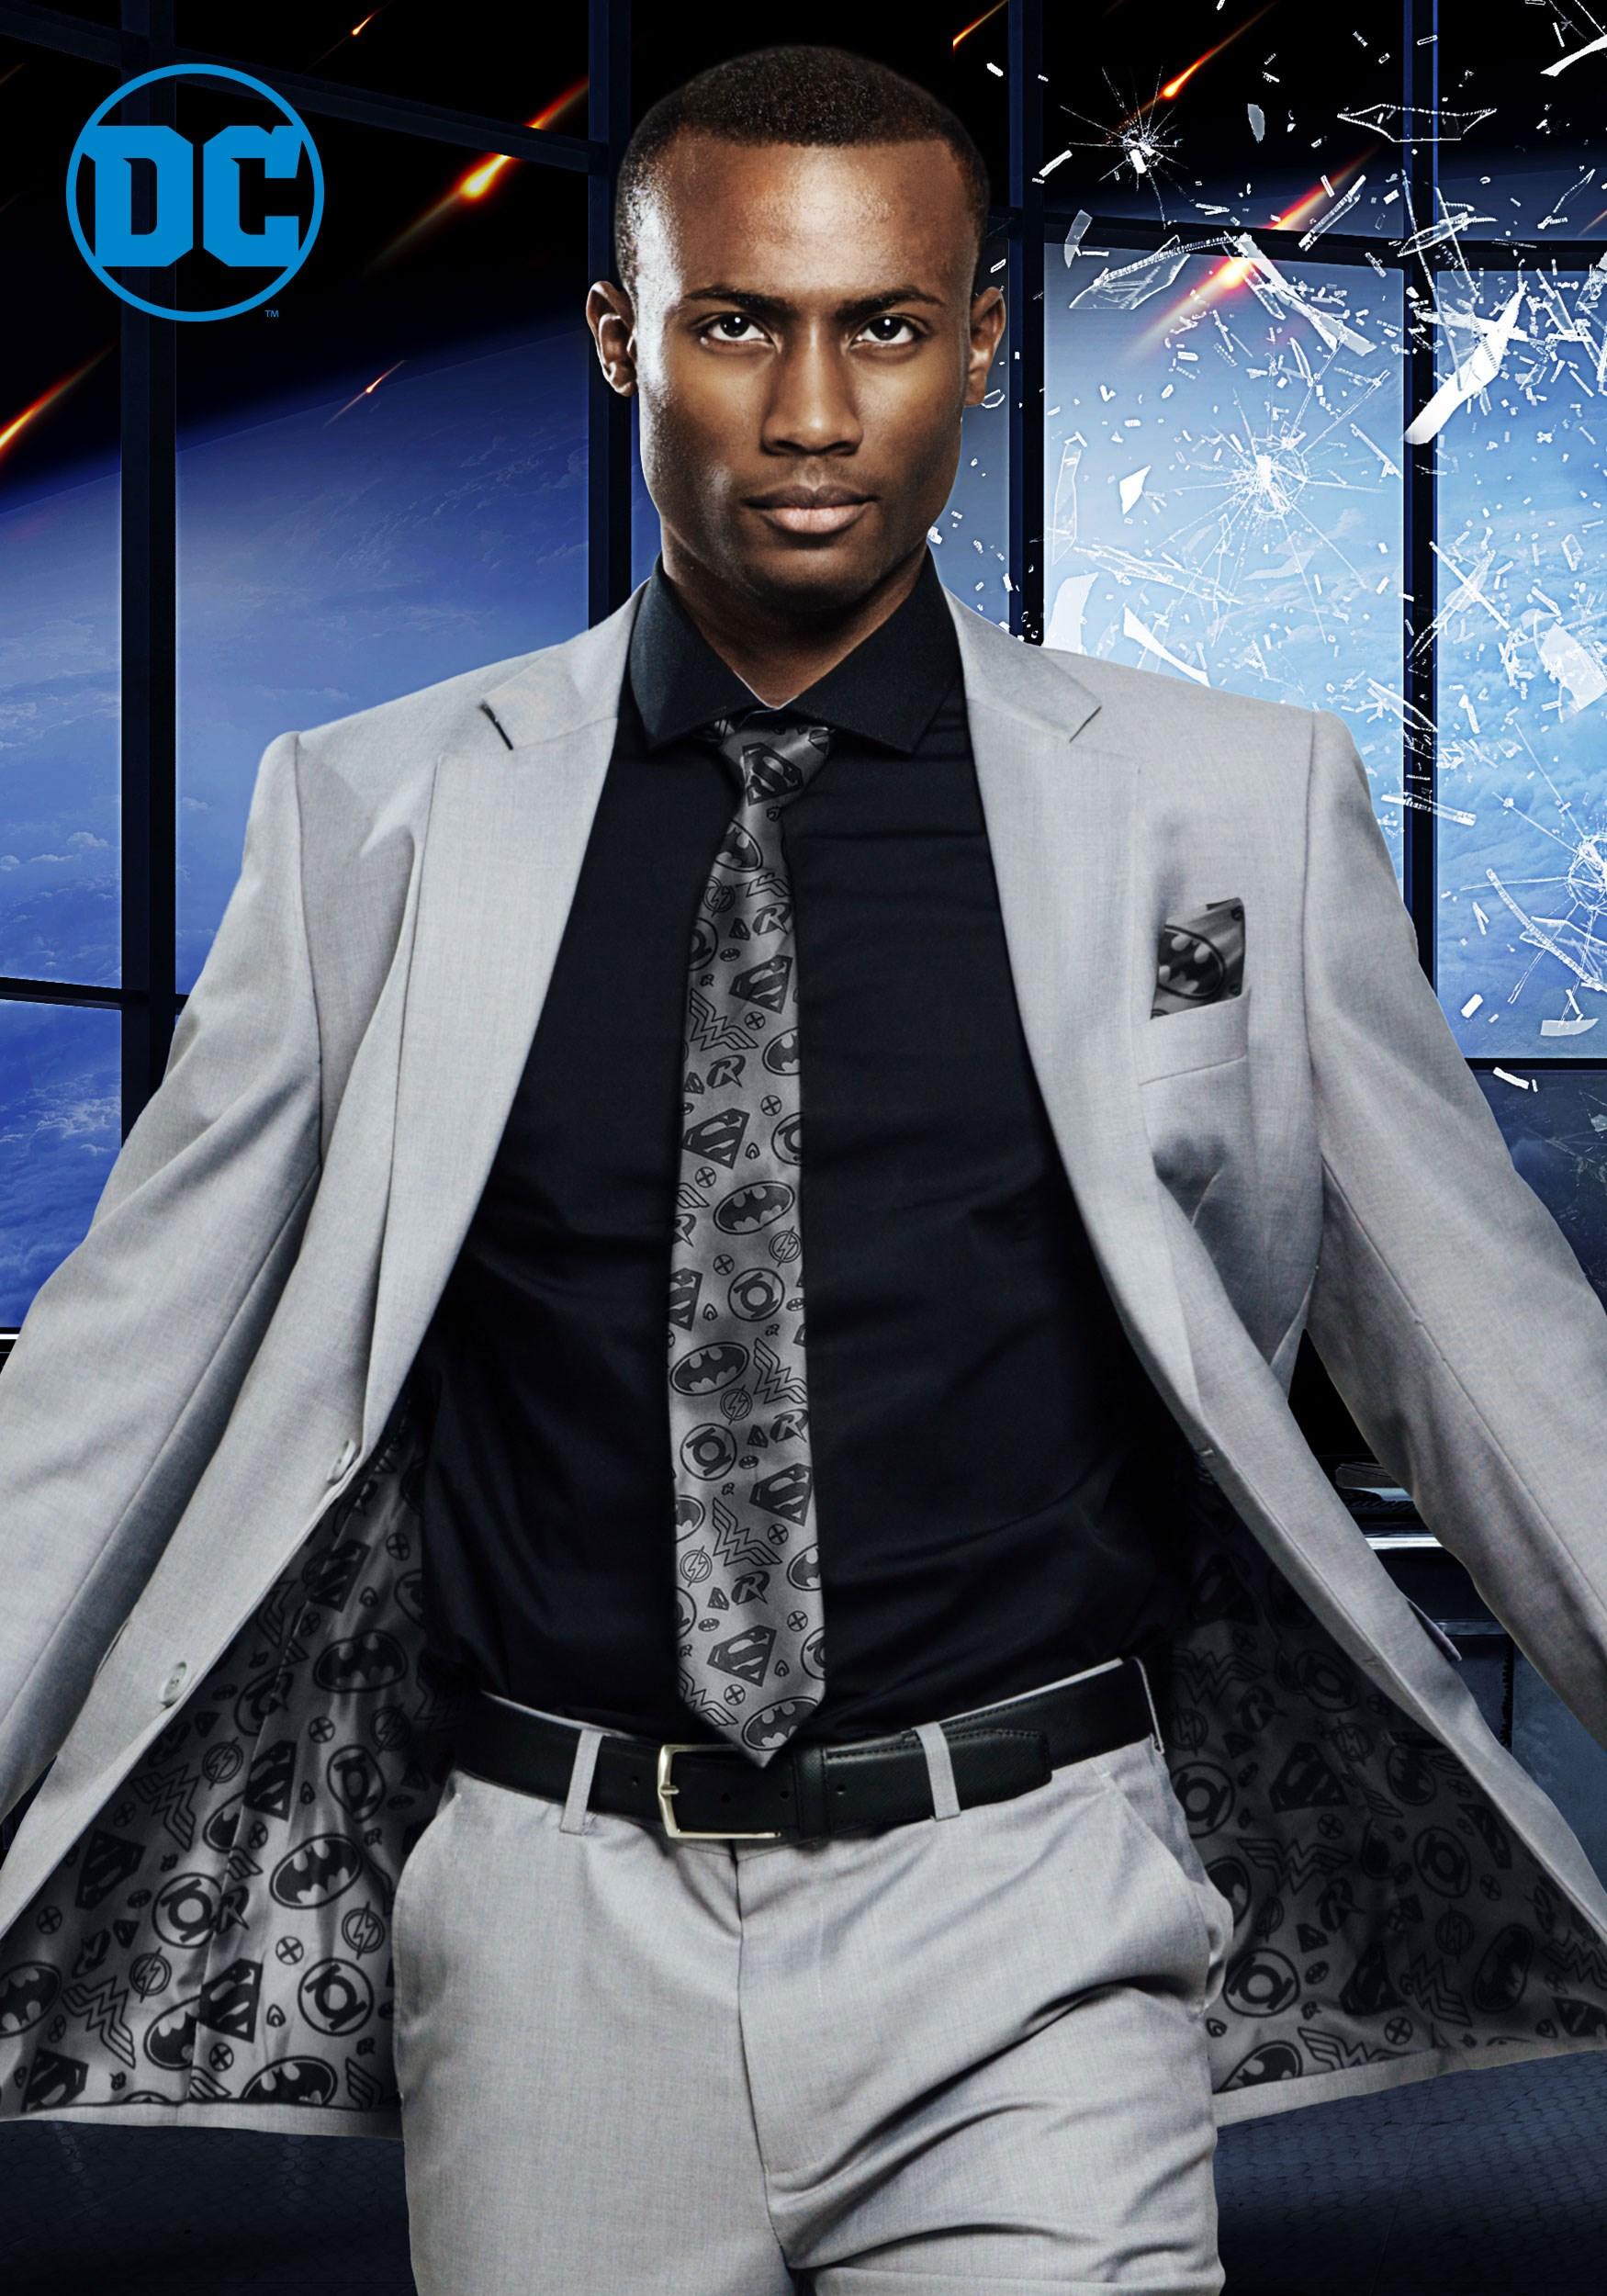 Justice League Suit Jacket Secret Identity